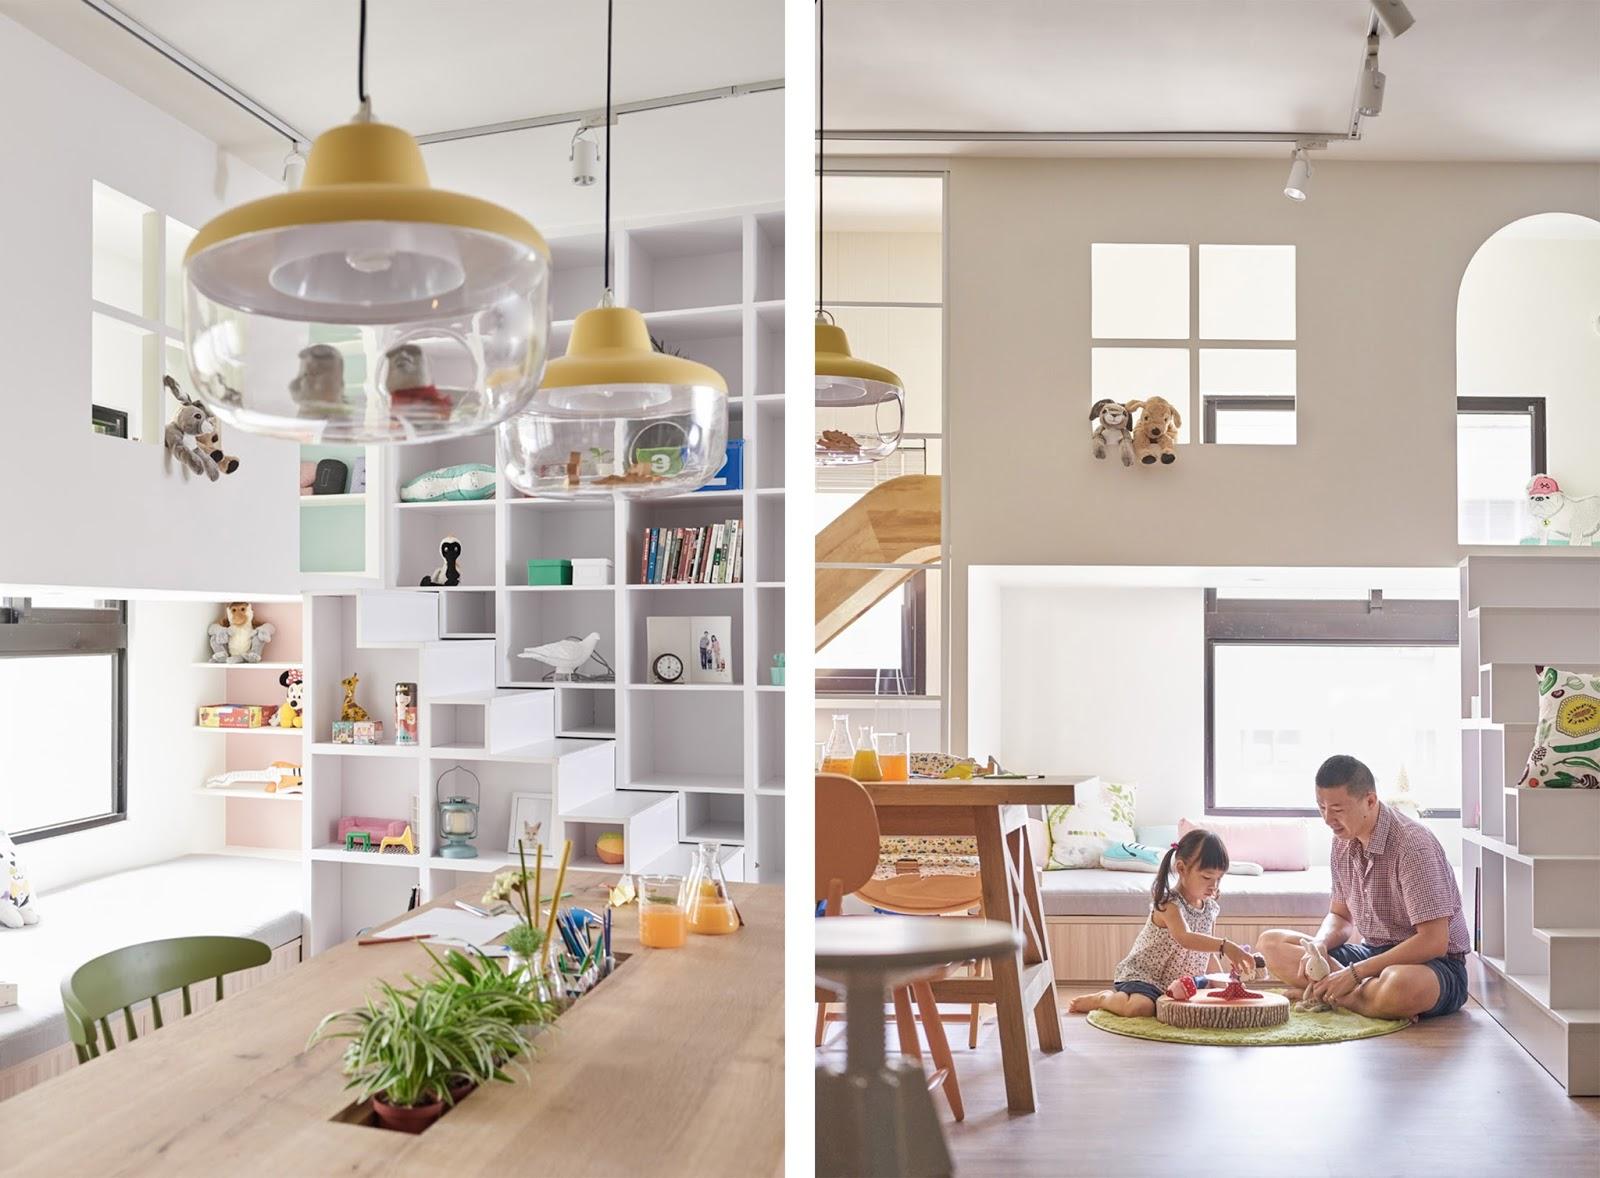 Casa Con Scivolo E Giochi Per Bambini In Taiwan By Hao Design Arc